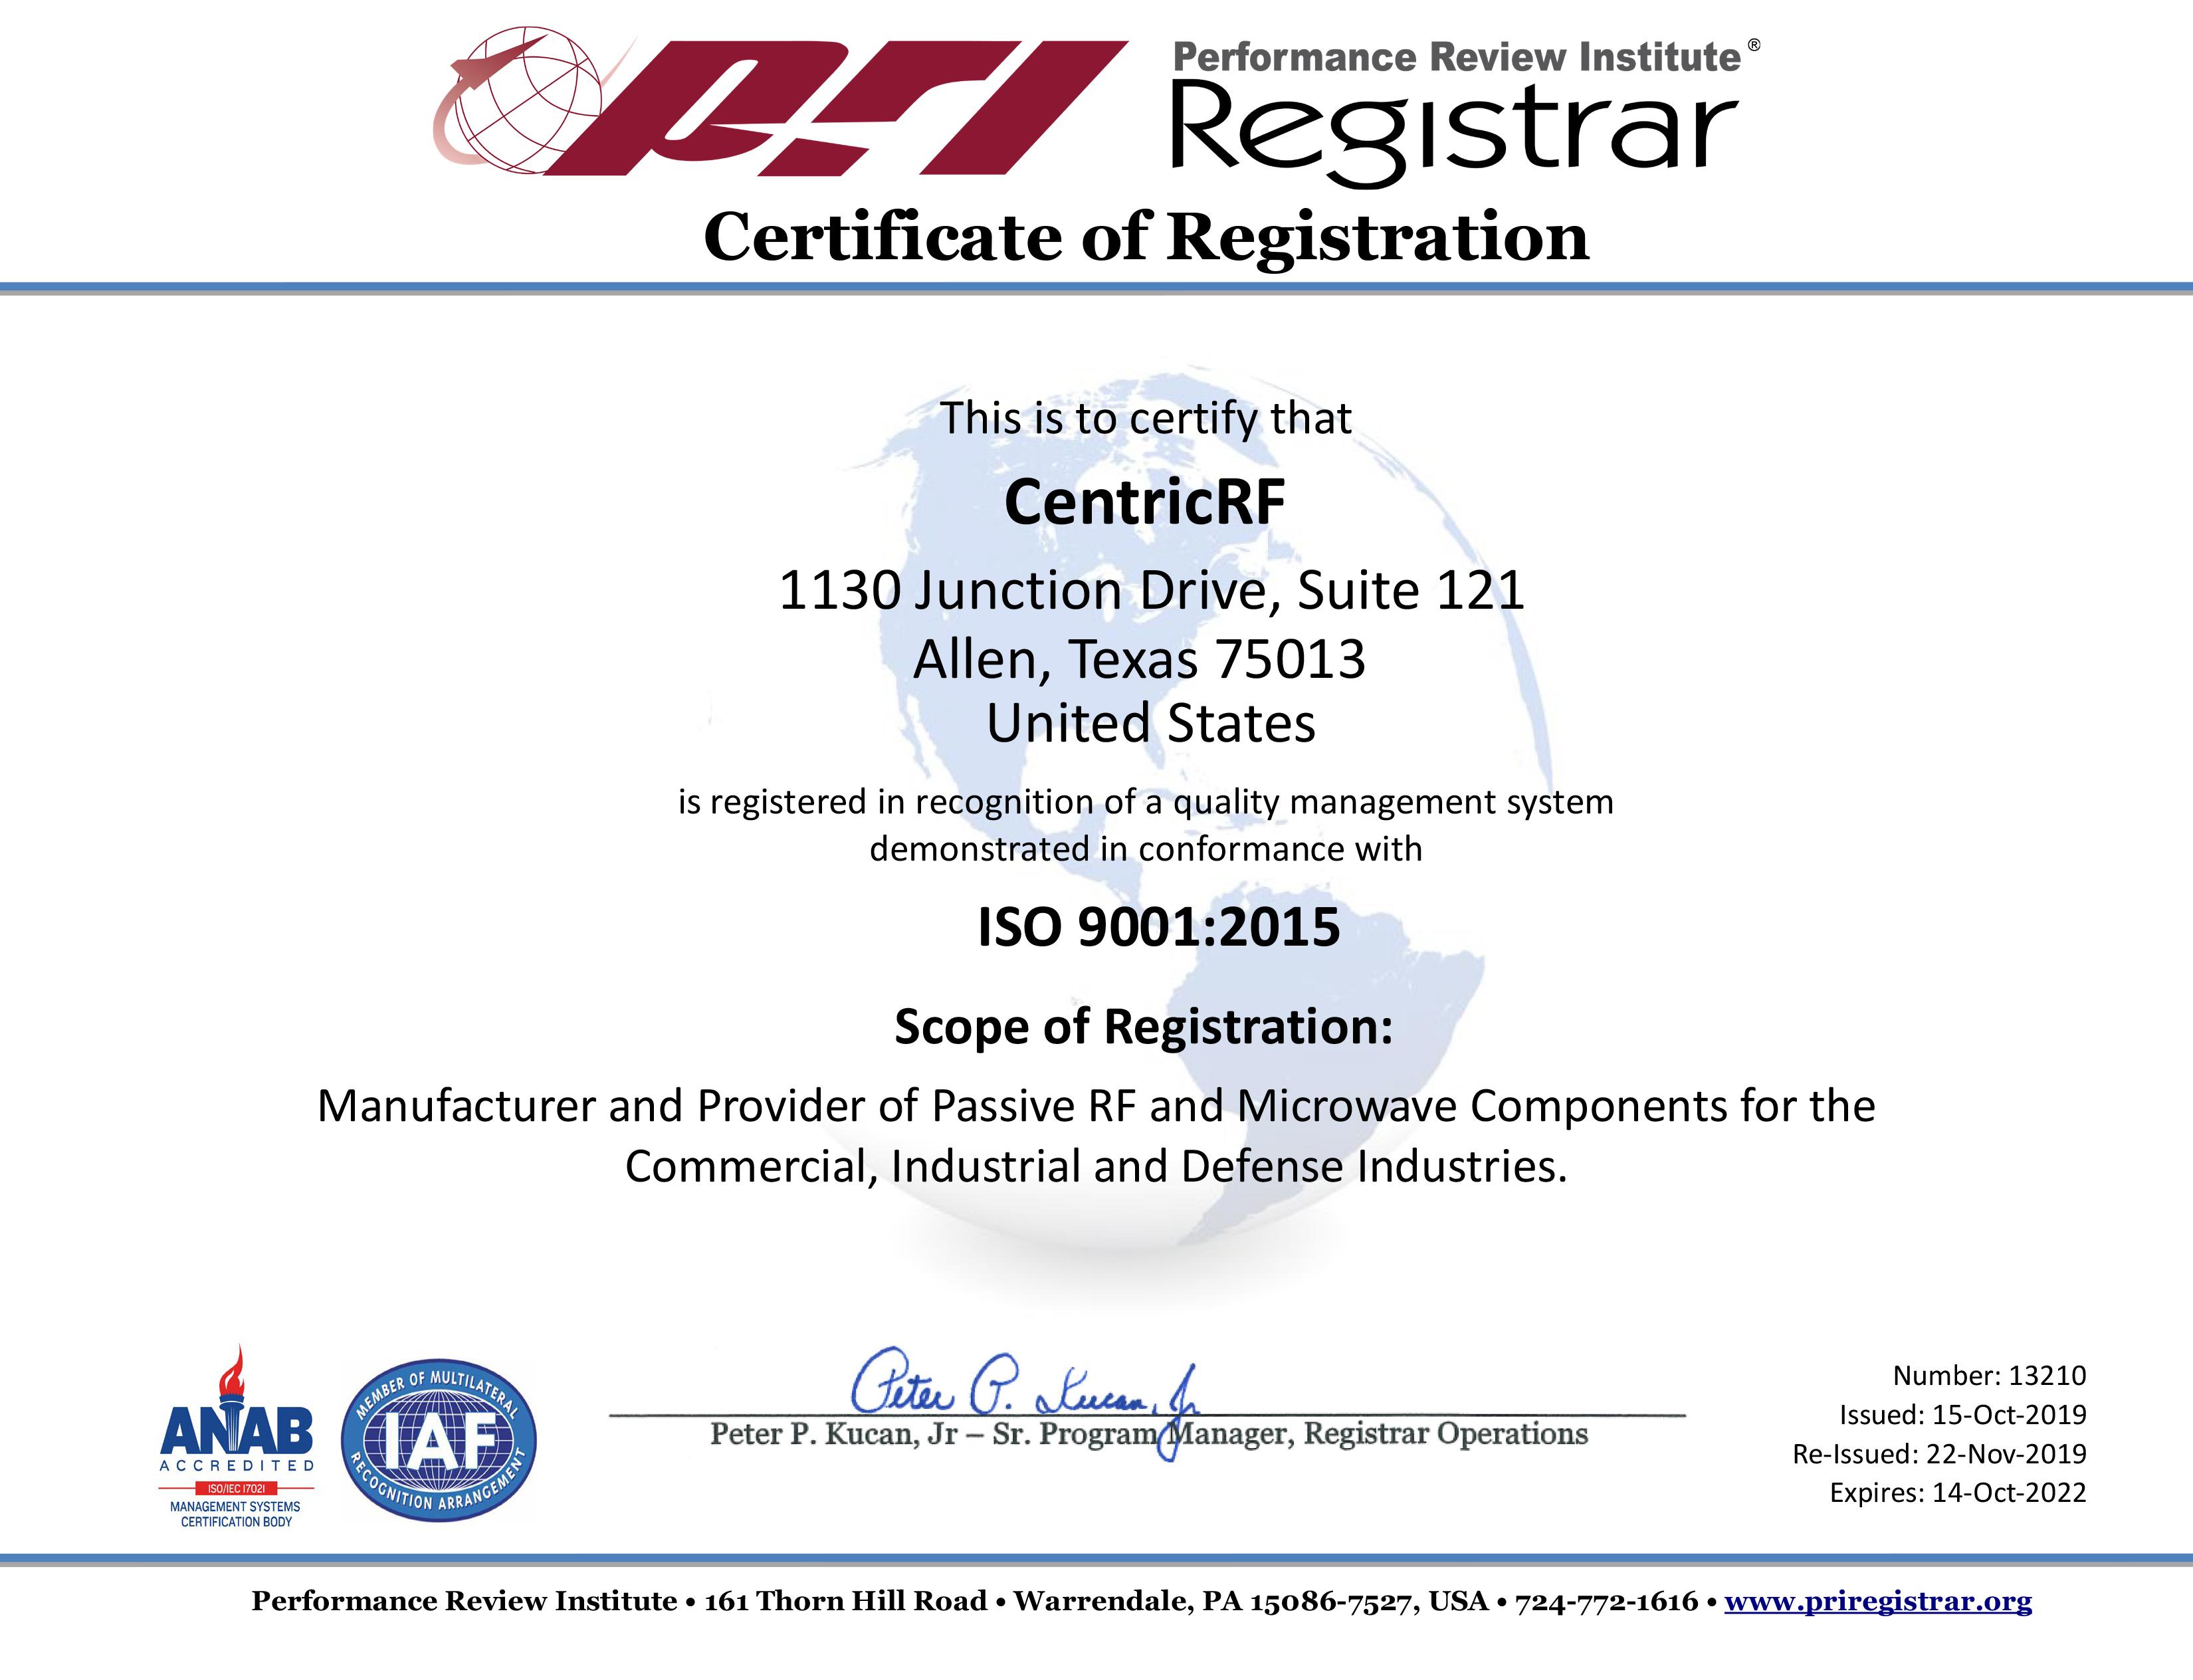 13210-centricrf-25nov2019.jpg